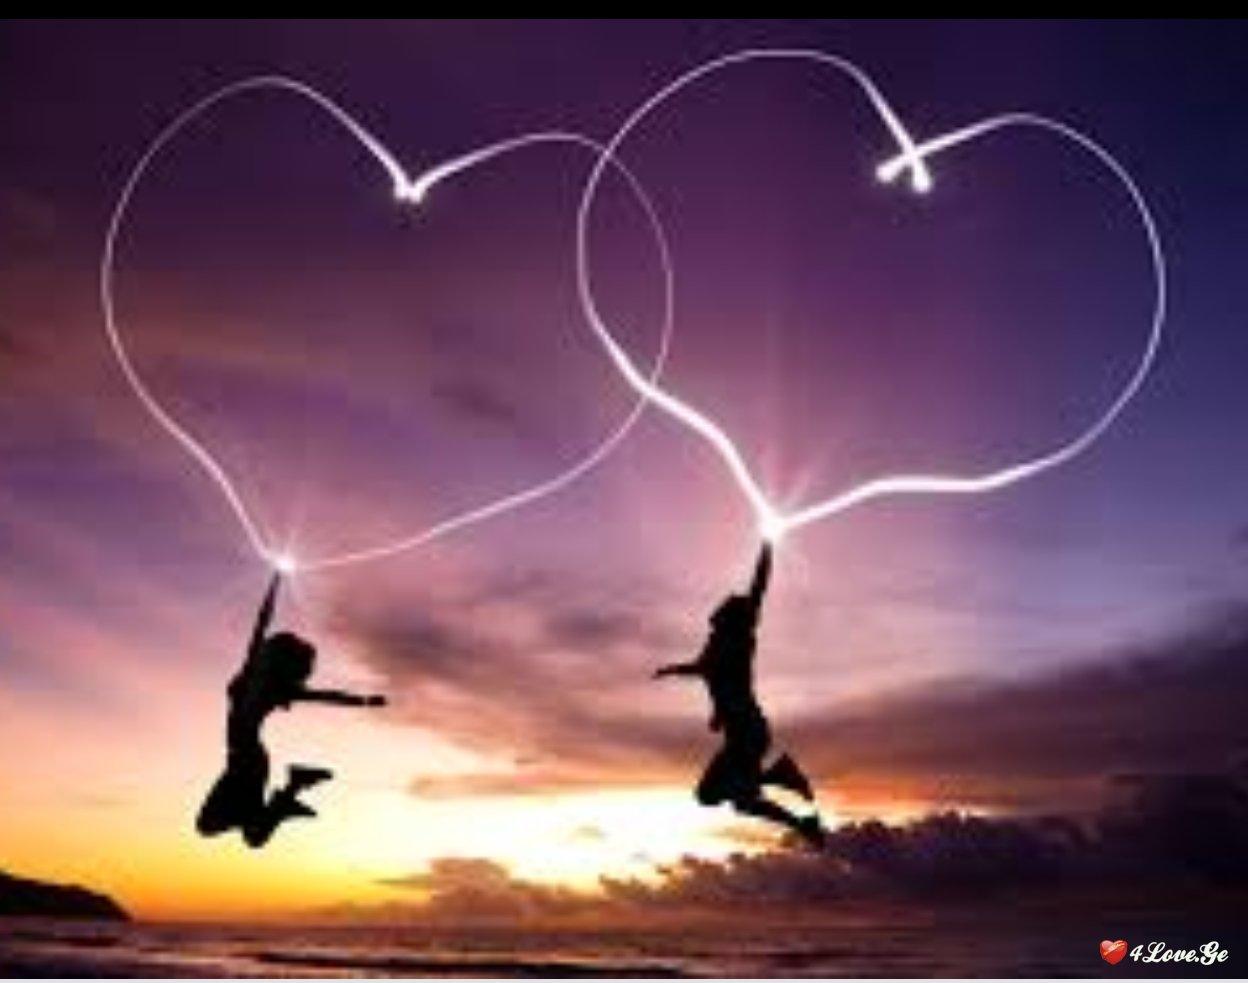 სიყვარულის დაჟანგულ ხიდზე